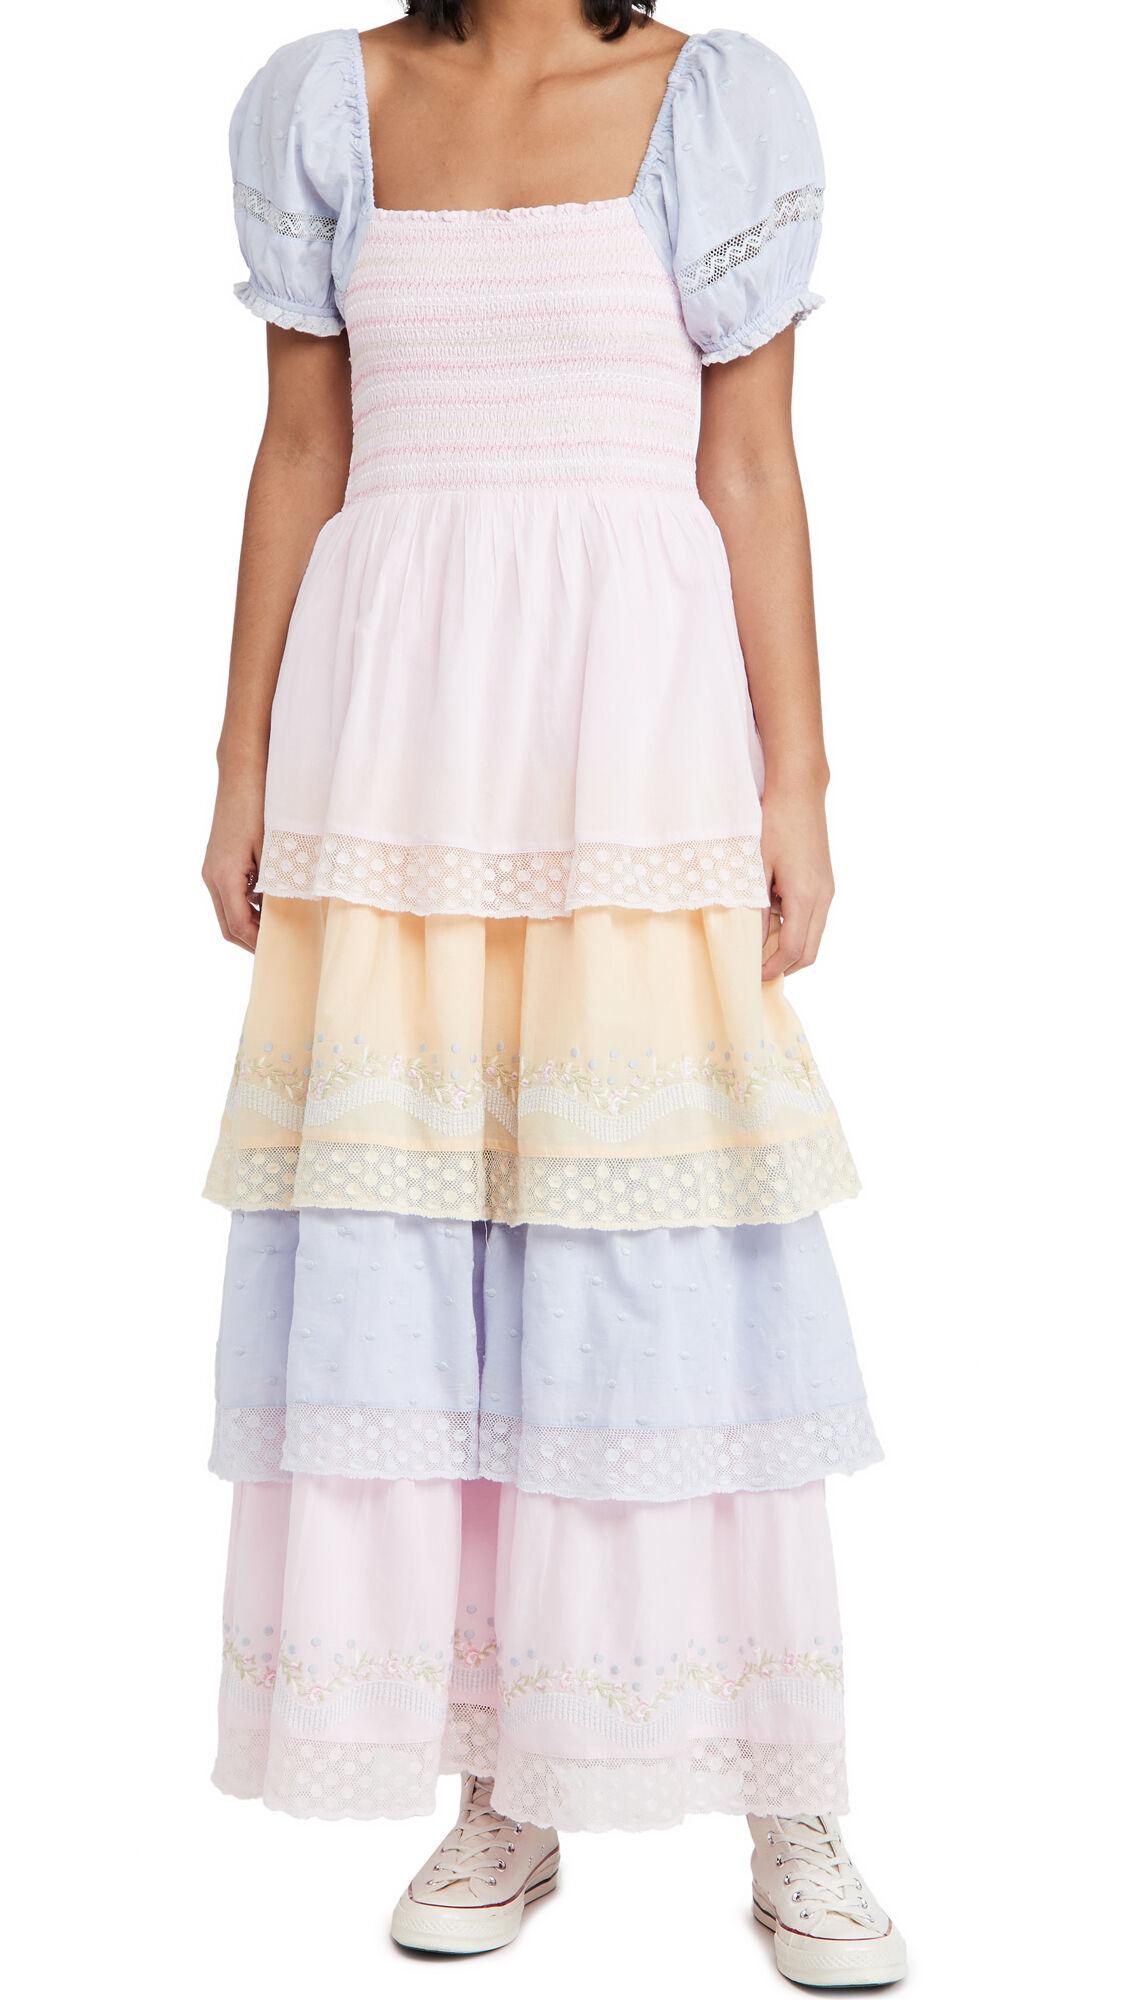 LOVESHACKFANCY Capella Dress  - Ambrosia Garden - Size: Extra Small